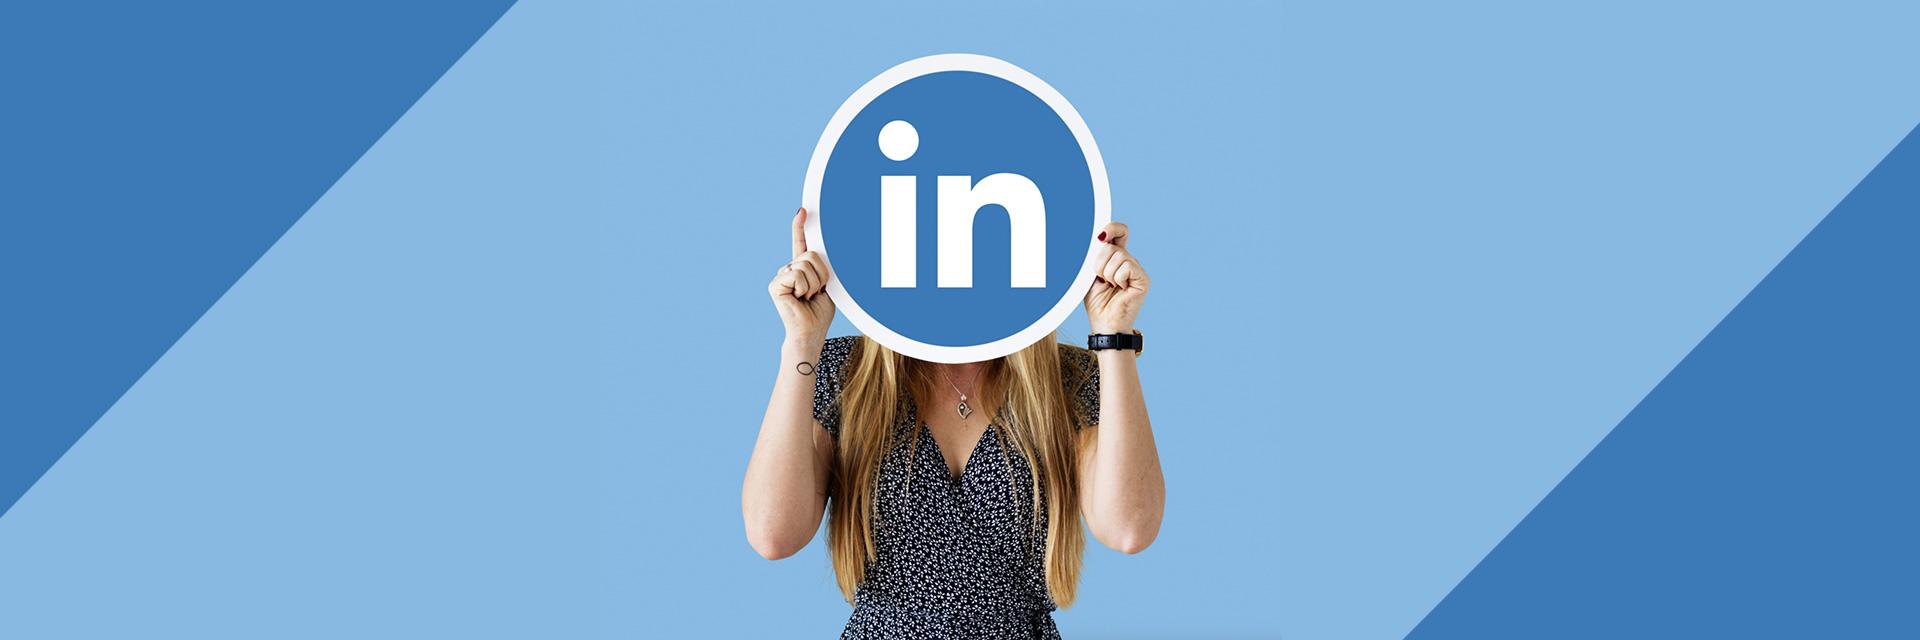 如何利用LinkedIn进行有效的拓展销售及开发客户?这里有一个操作性很强的框架